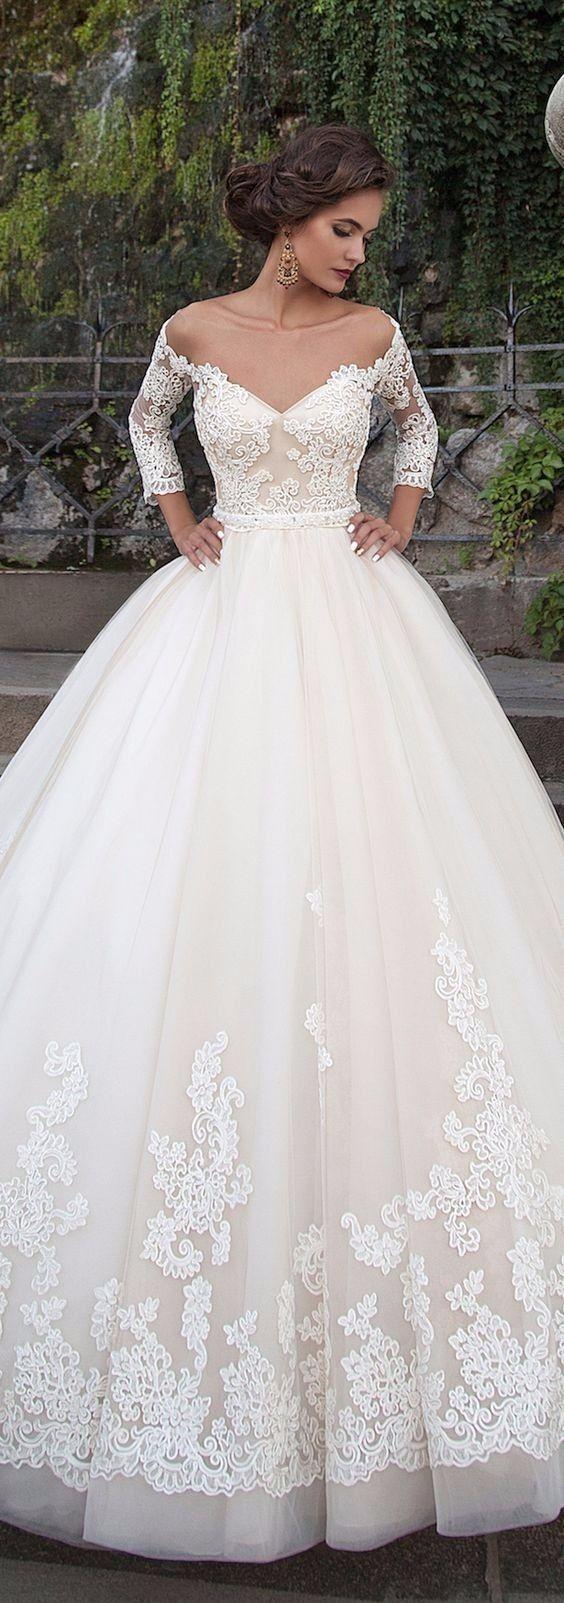 Robe de mariée Milla Nova : princesse en dentelle avec manches longues